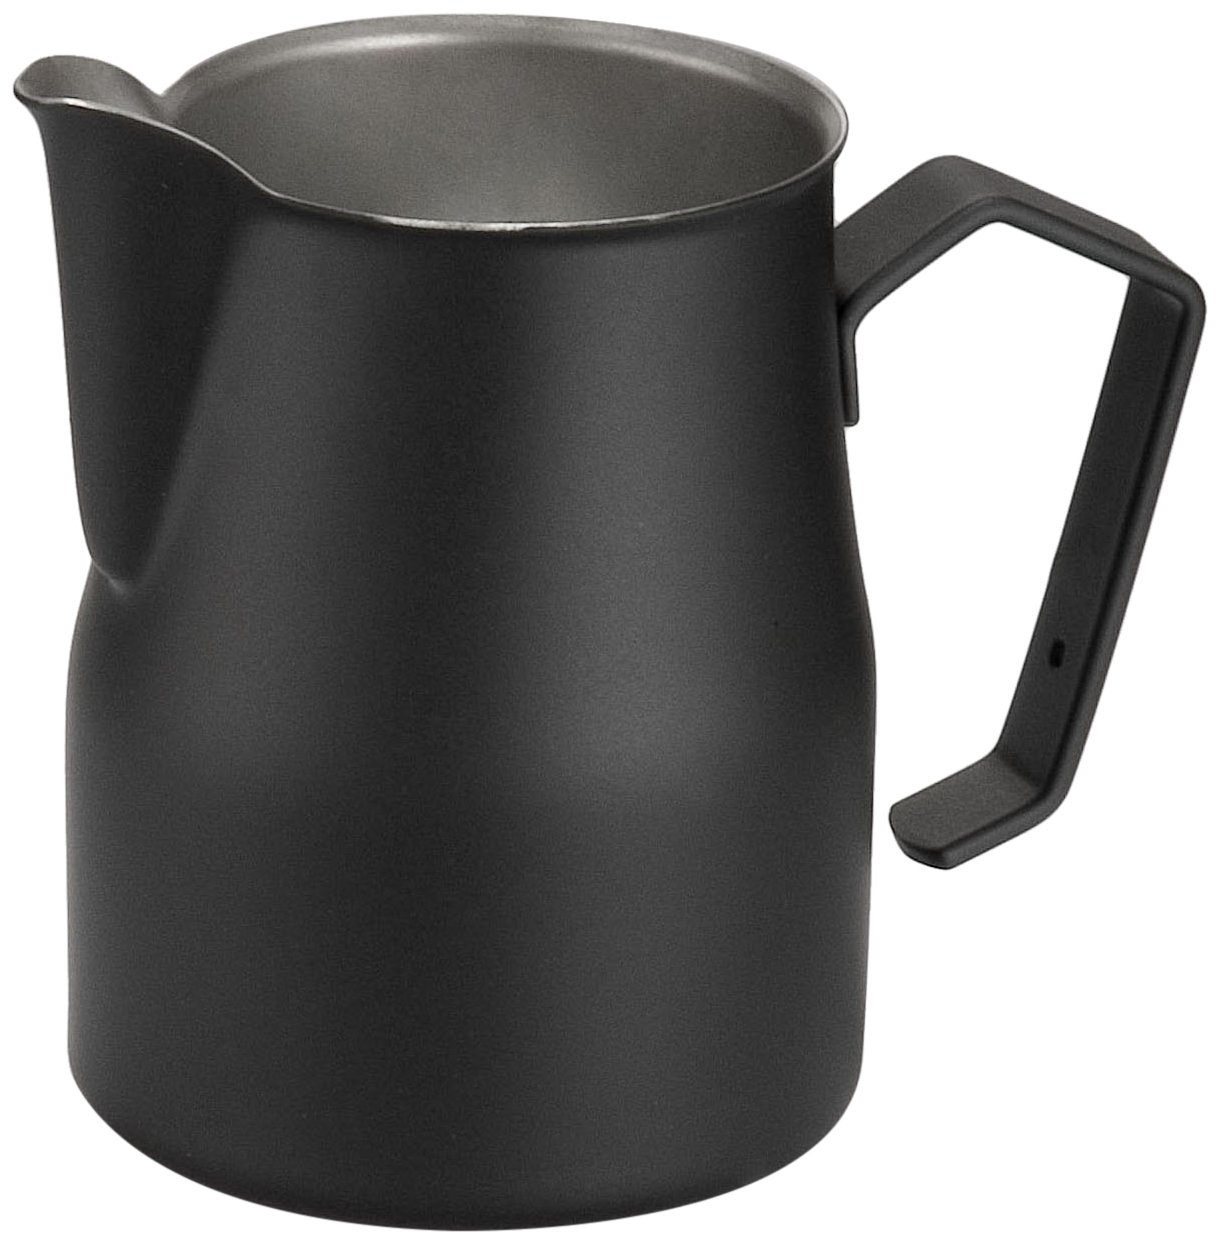 Recomendarme una jarra para la leche cafeadictos for Jarra leche